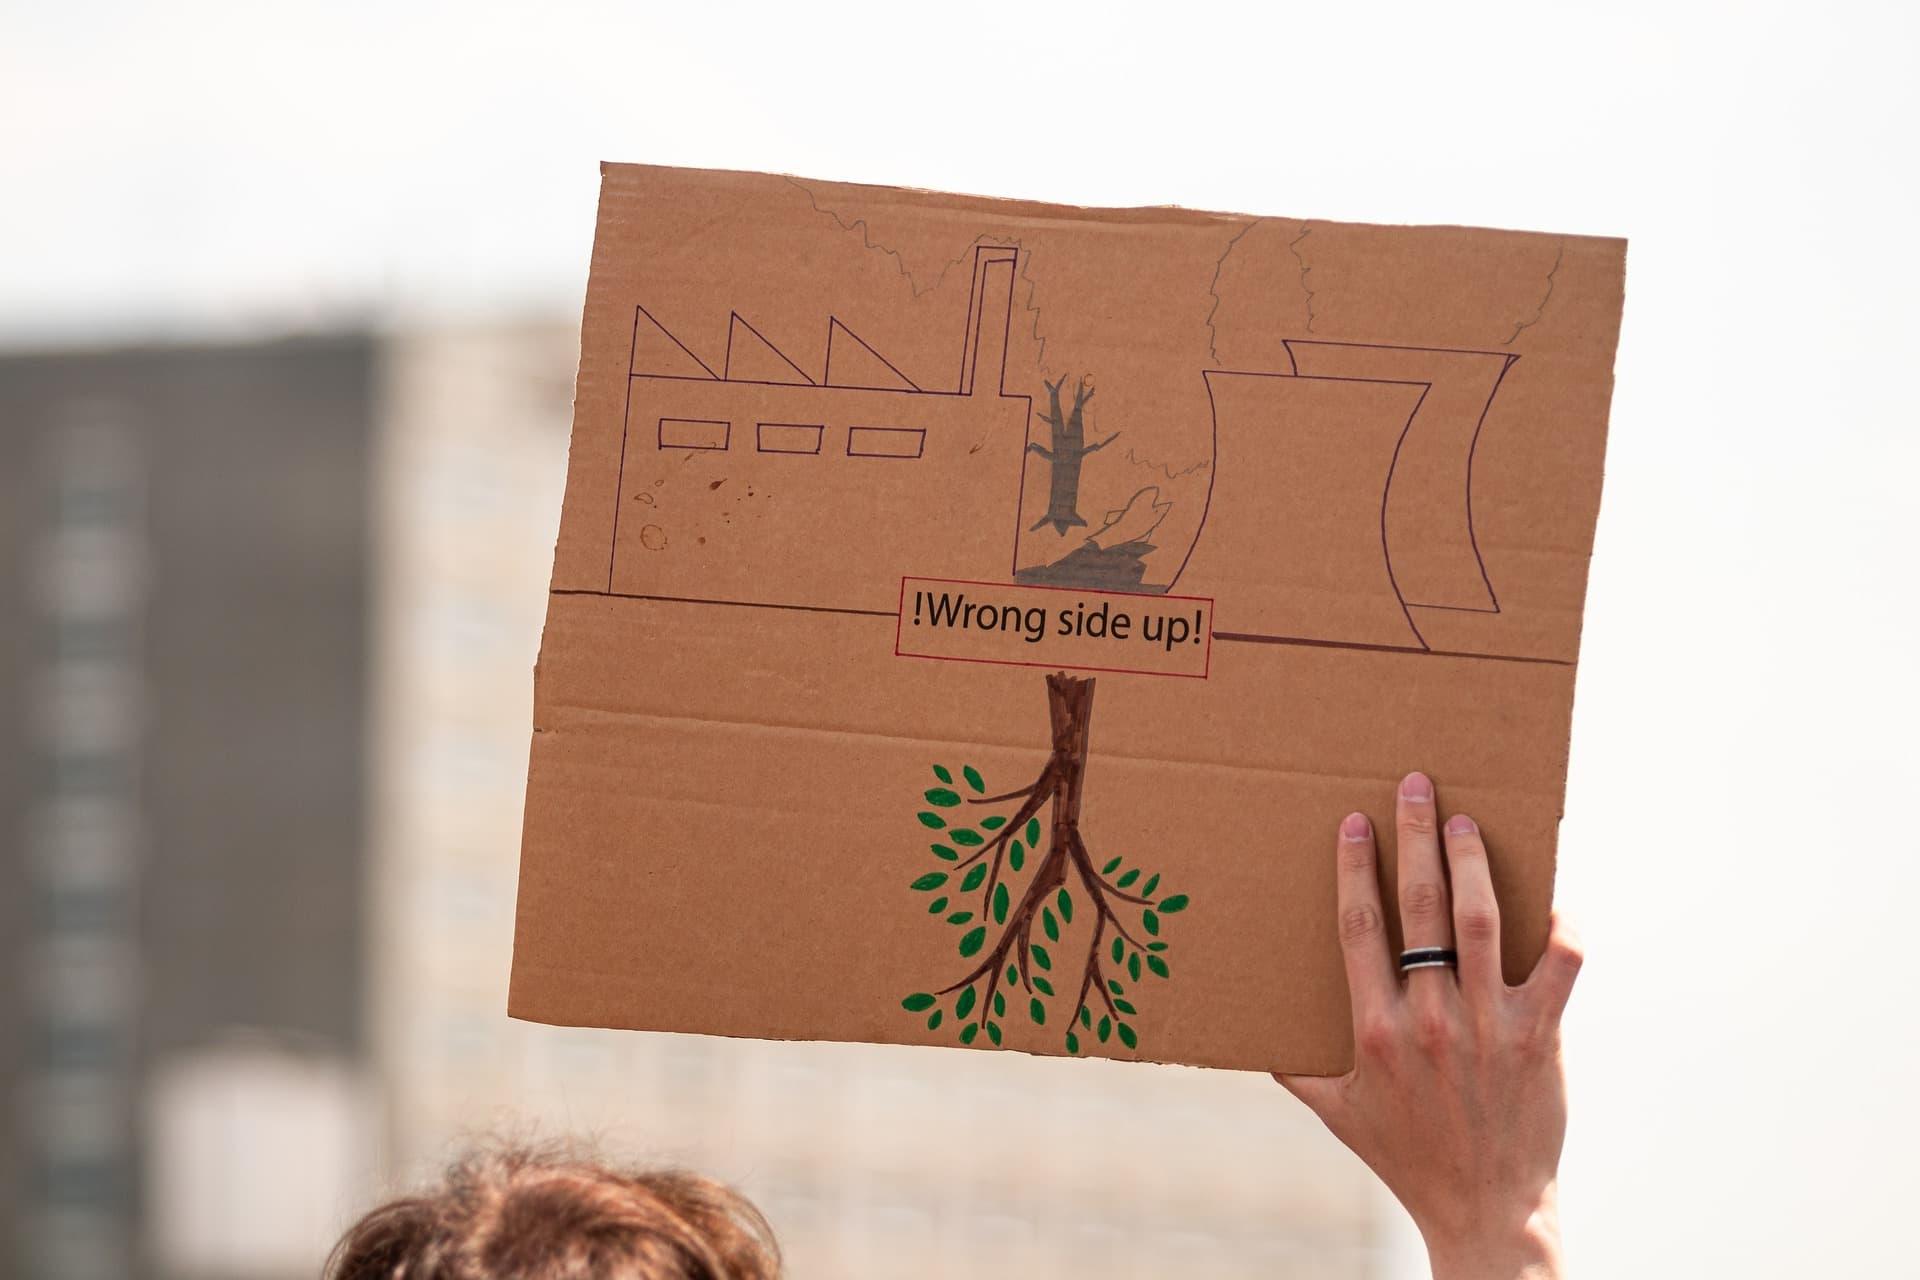 Plakat bei Klimaschutz-Demo